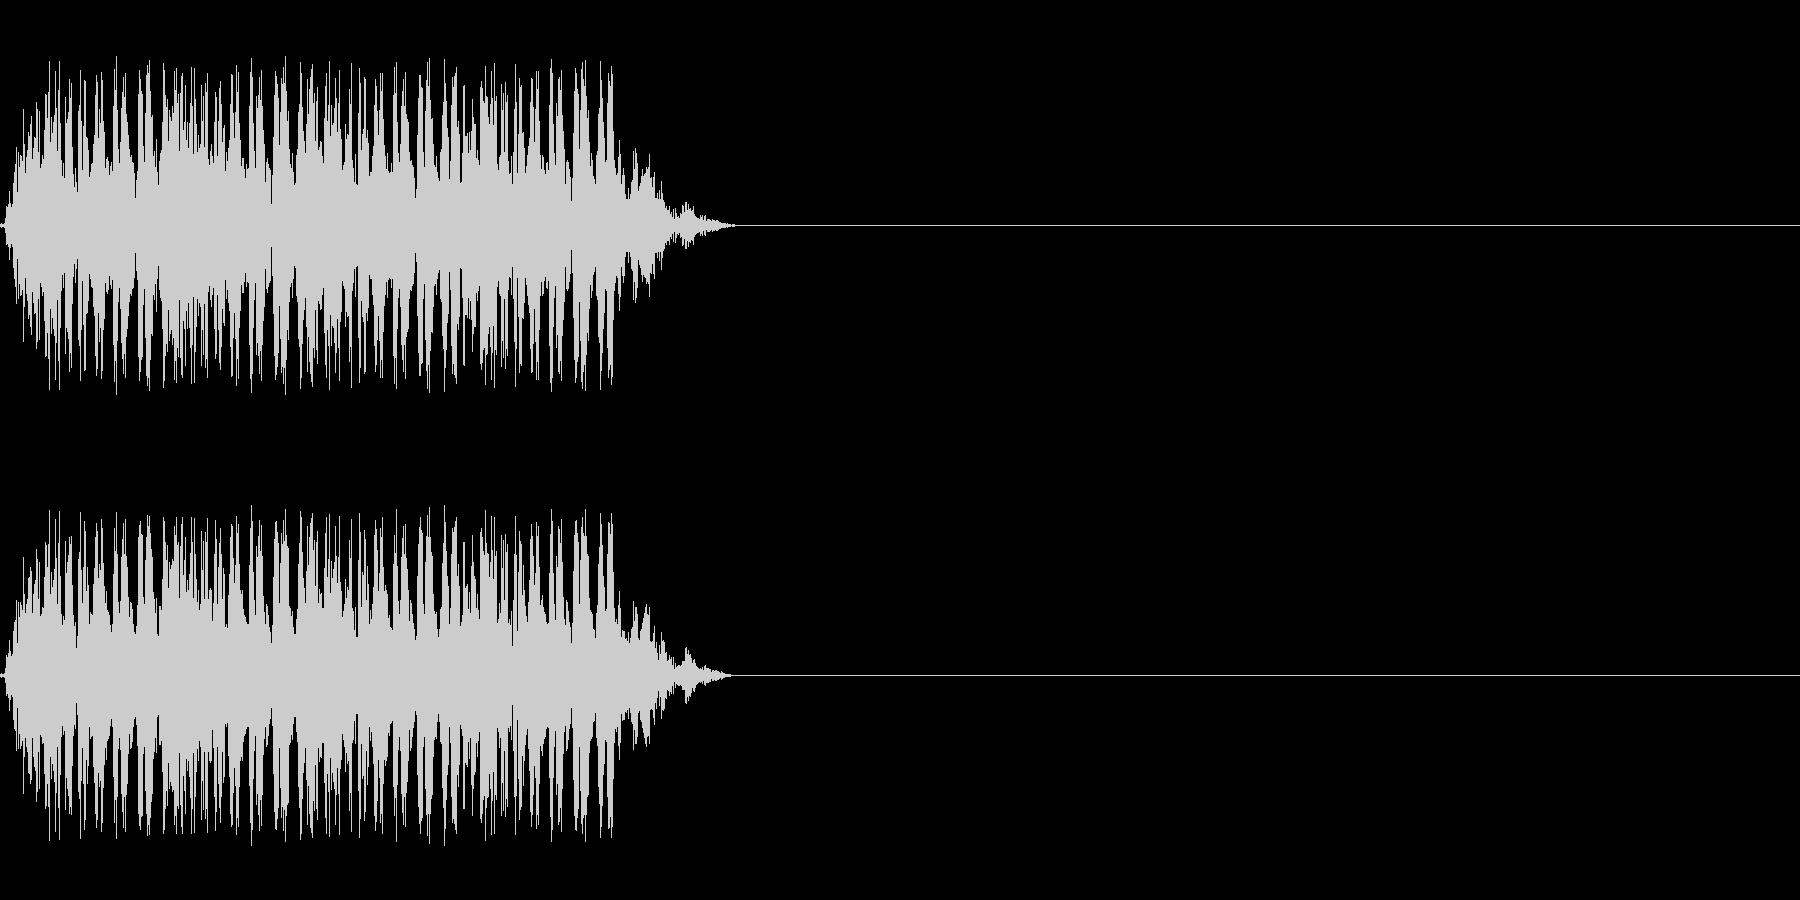 【レーザー01-4】の未再生の波形